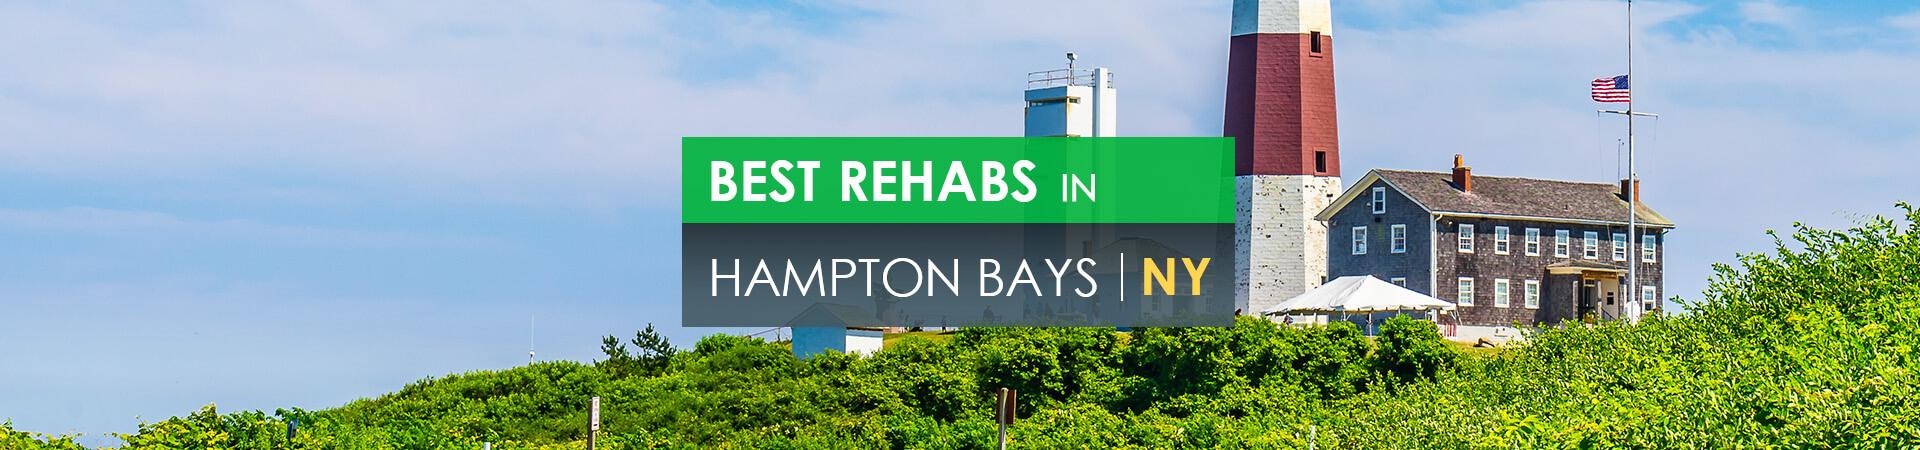 Best rehabs in Hampton Bays, NY